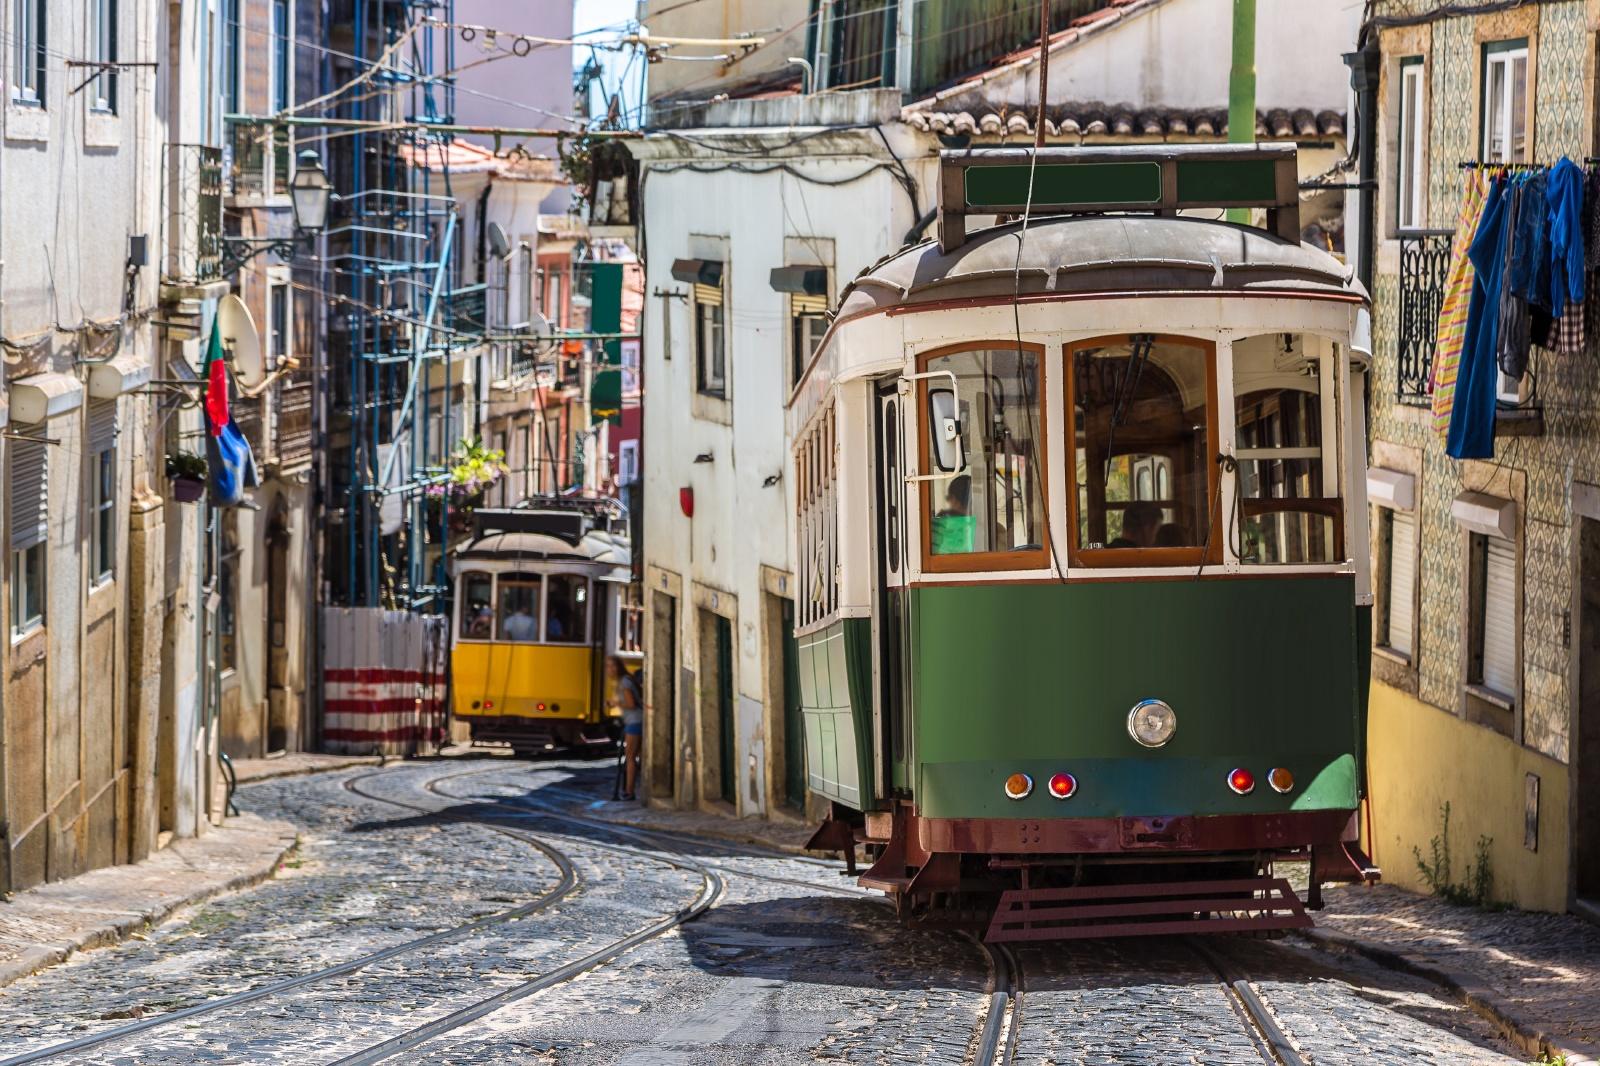 リスボン 路面電車のある風景 ポルトガルの鉄道風景